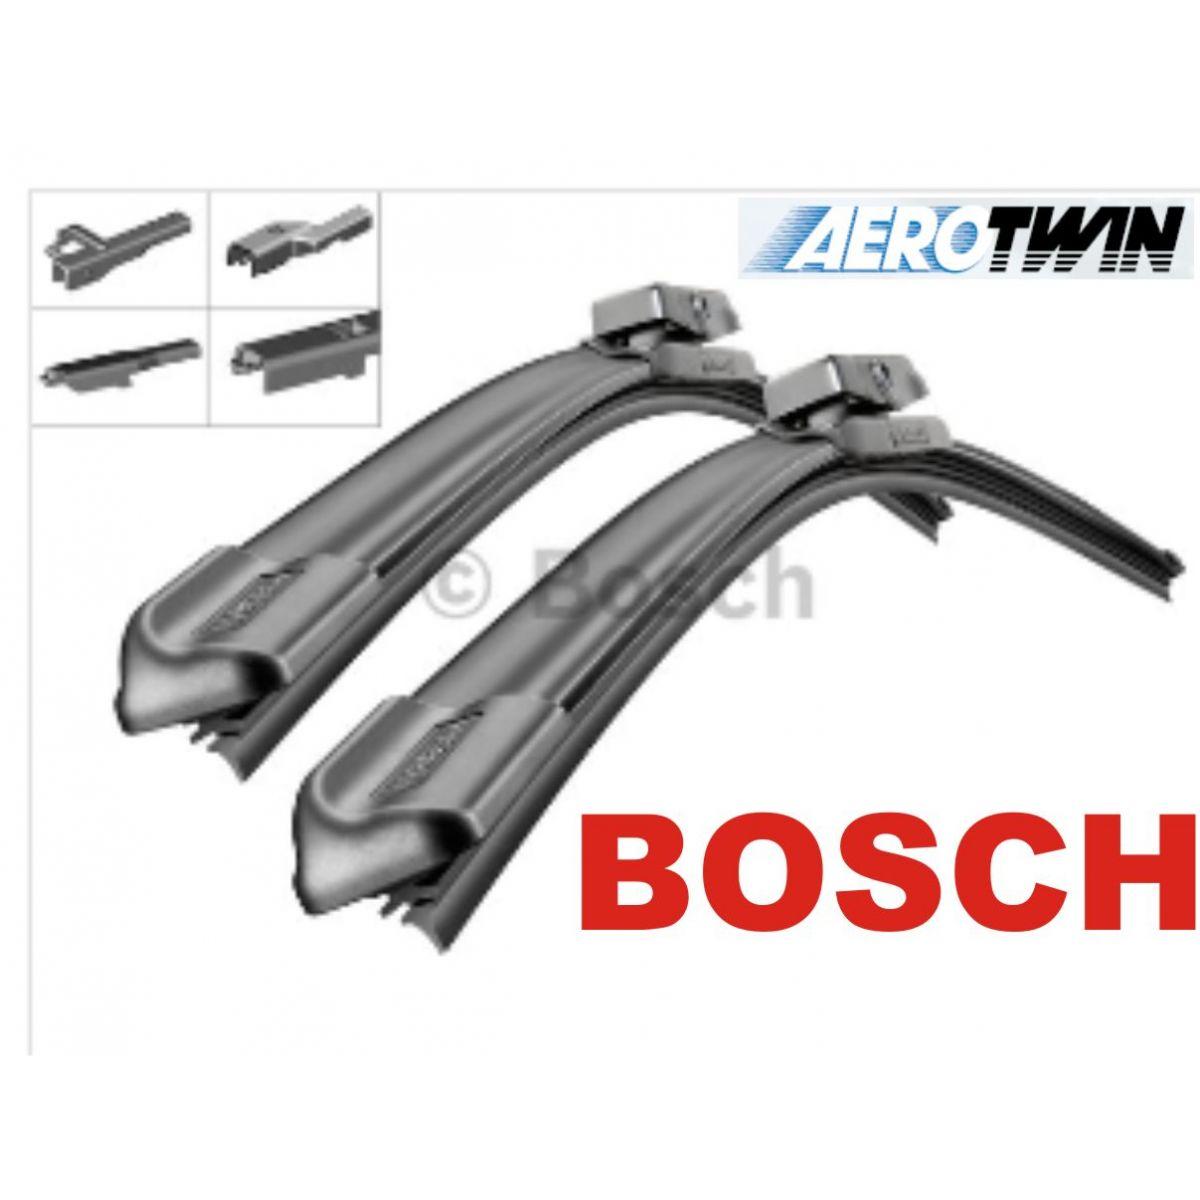 Palheta Bosch Aerotwin Plus Limpador de para brisa Bosch Mercedes-Benz Sprinter ano 2012 em diante